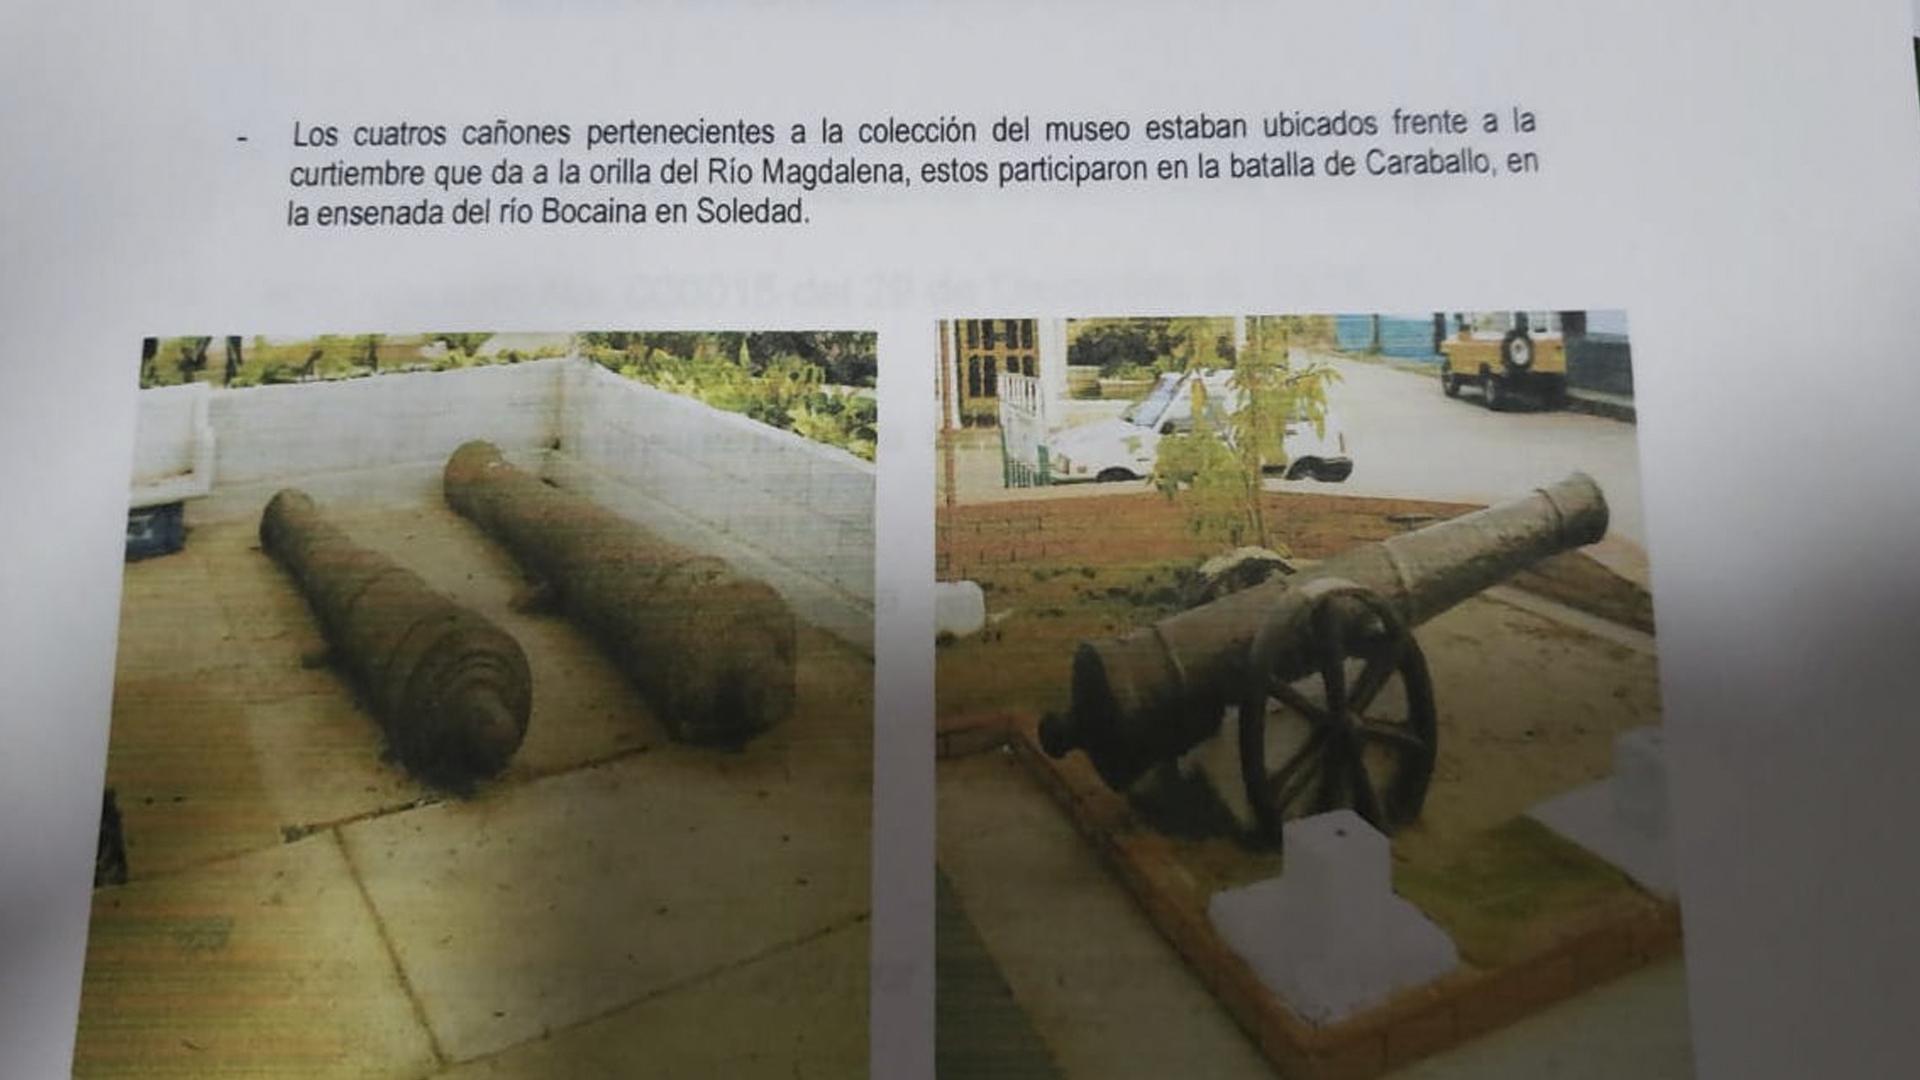 Uno de los cañones usados en la batalla  de Caraballo.